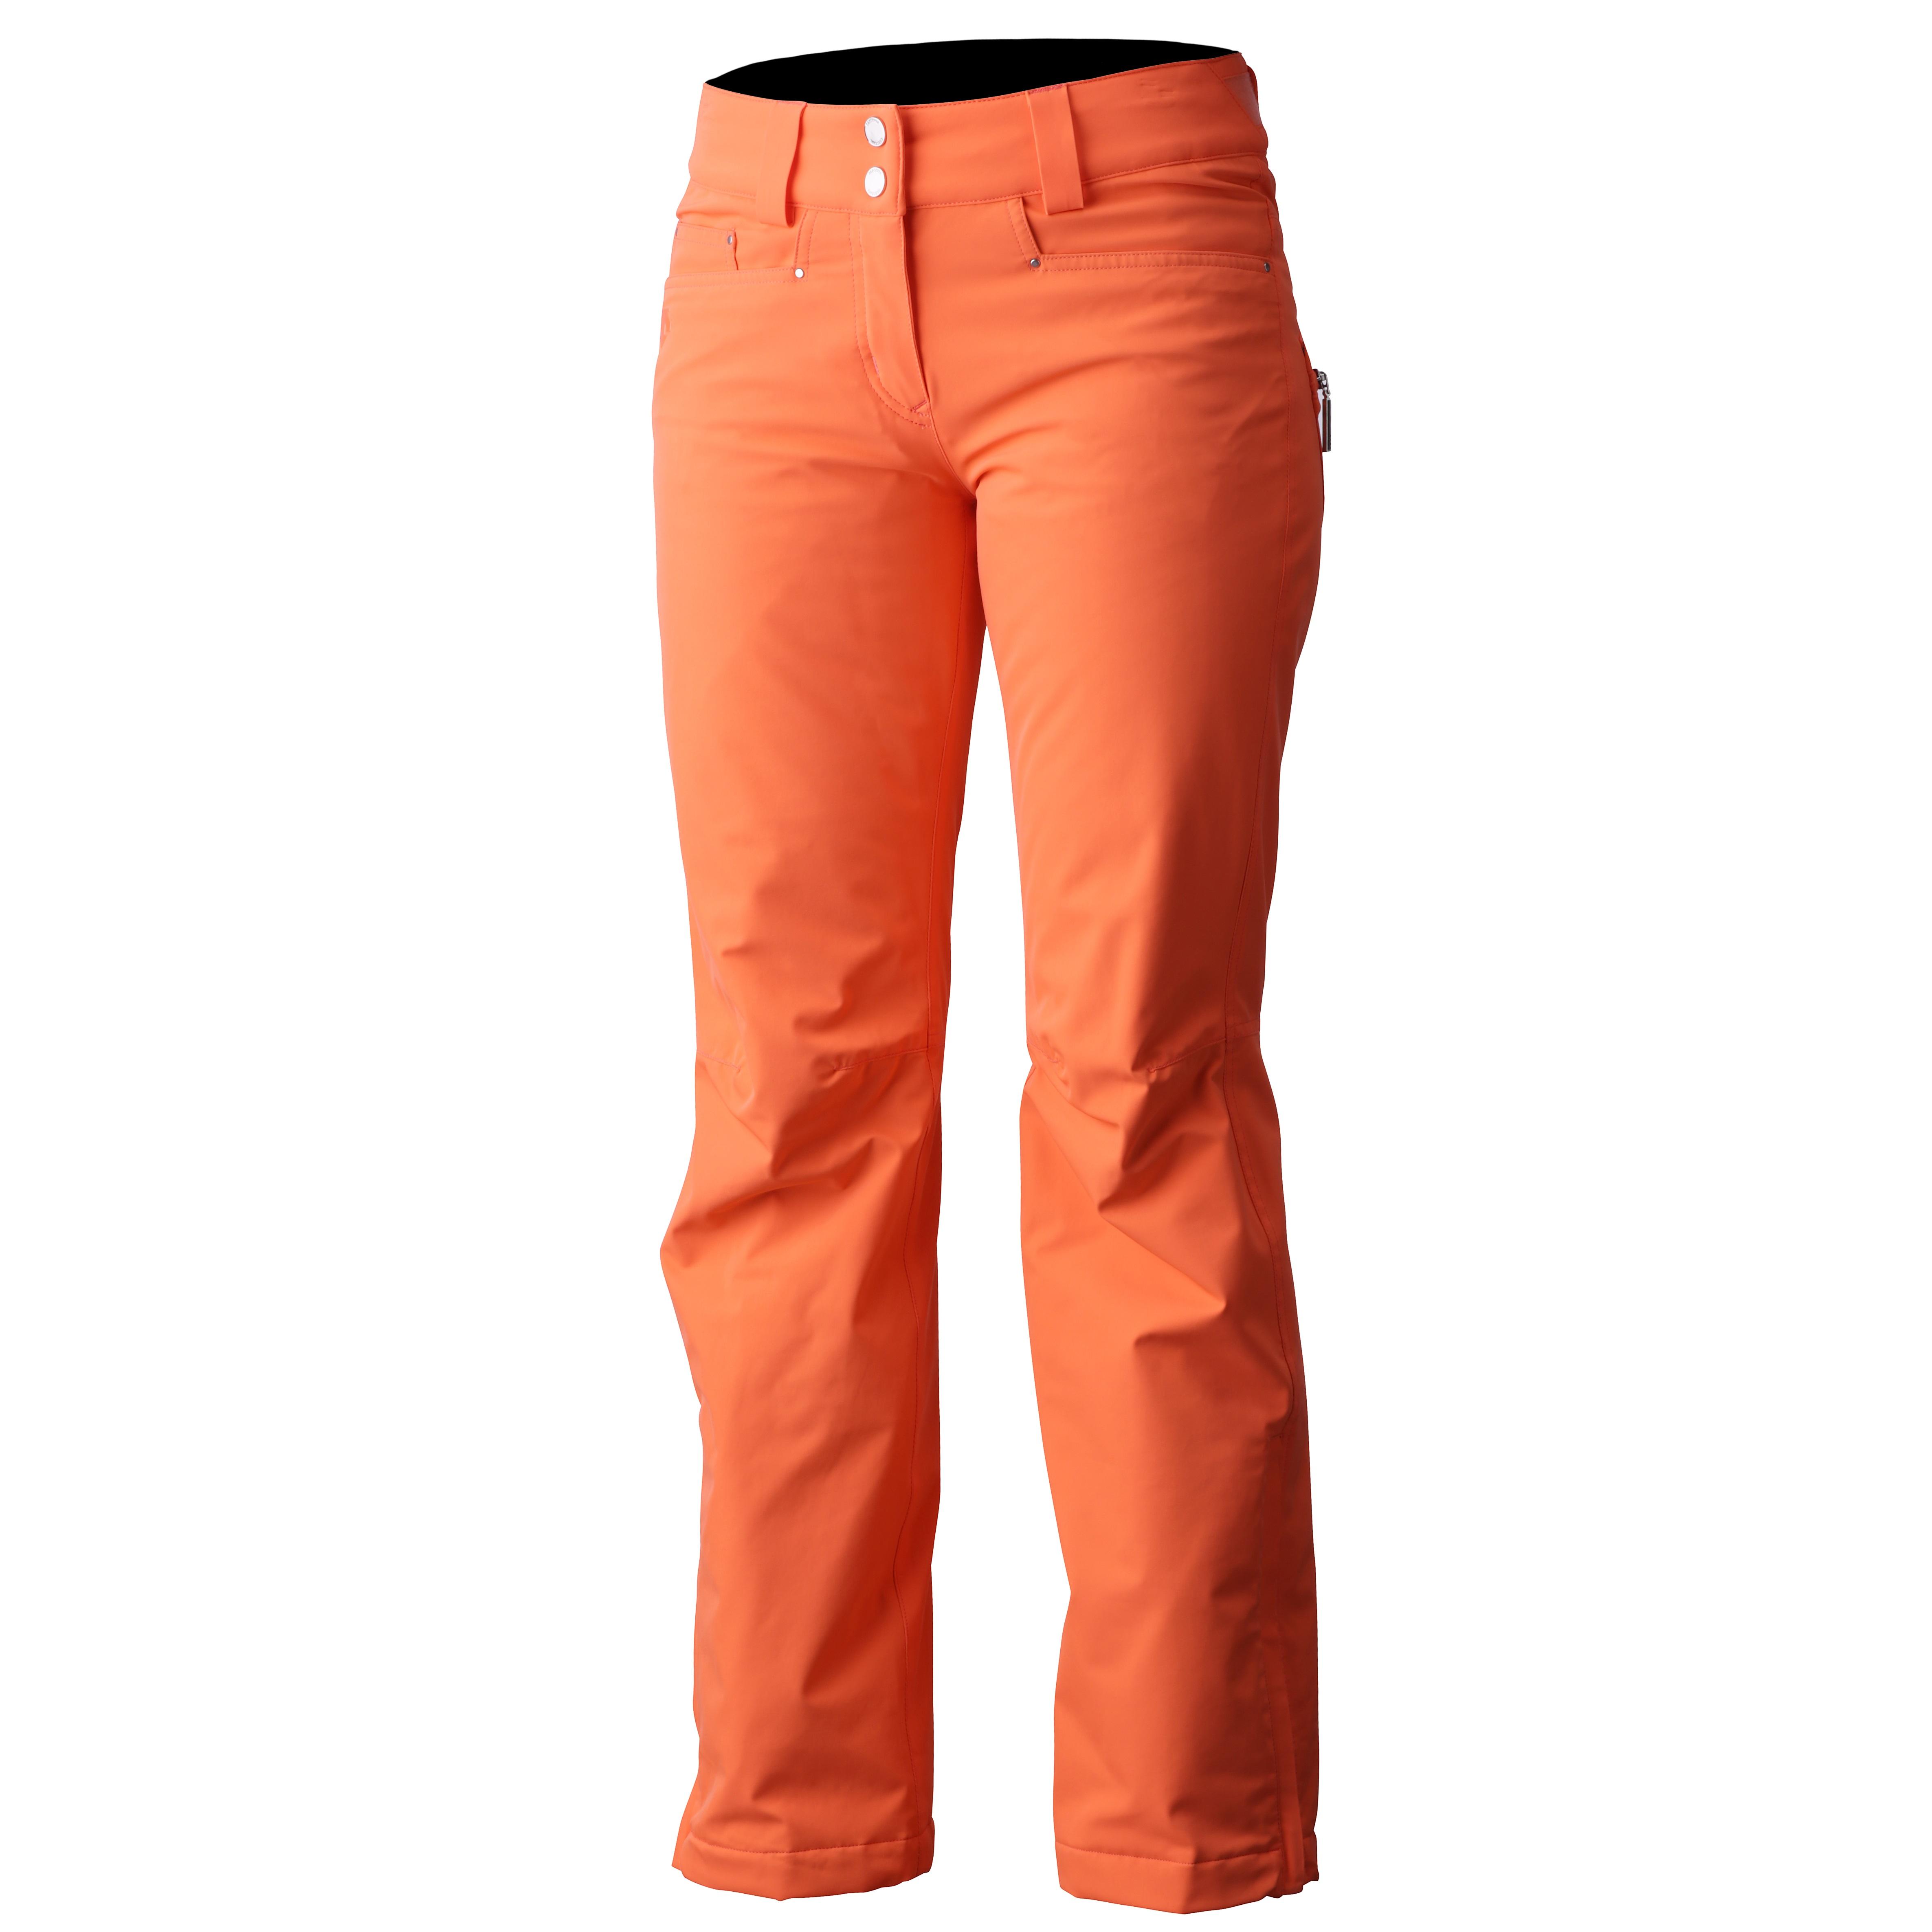 SELENE par Descente (Pantalons isolés femmes, Vêtements hiver femme)SELENE par Descente (Pantalons isolés femmes, Vêtements hiver femme)